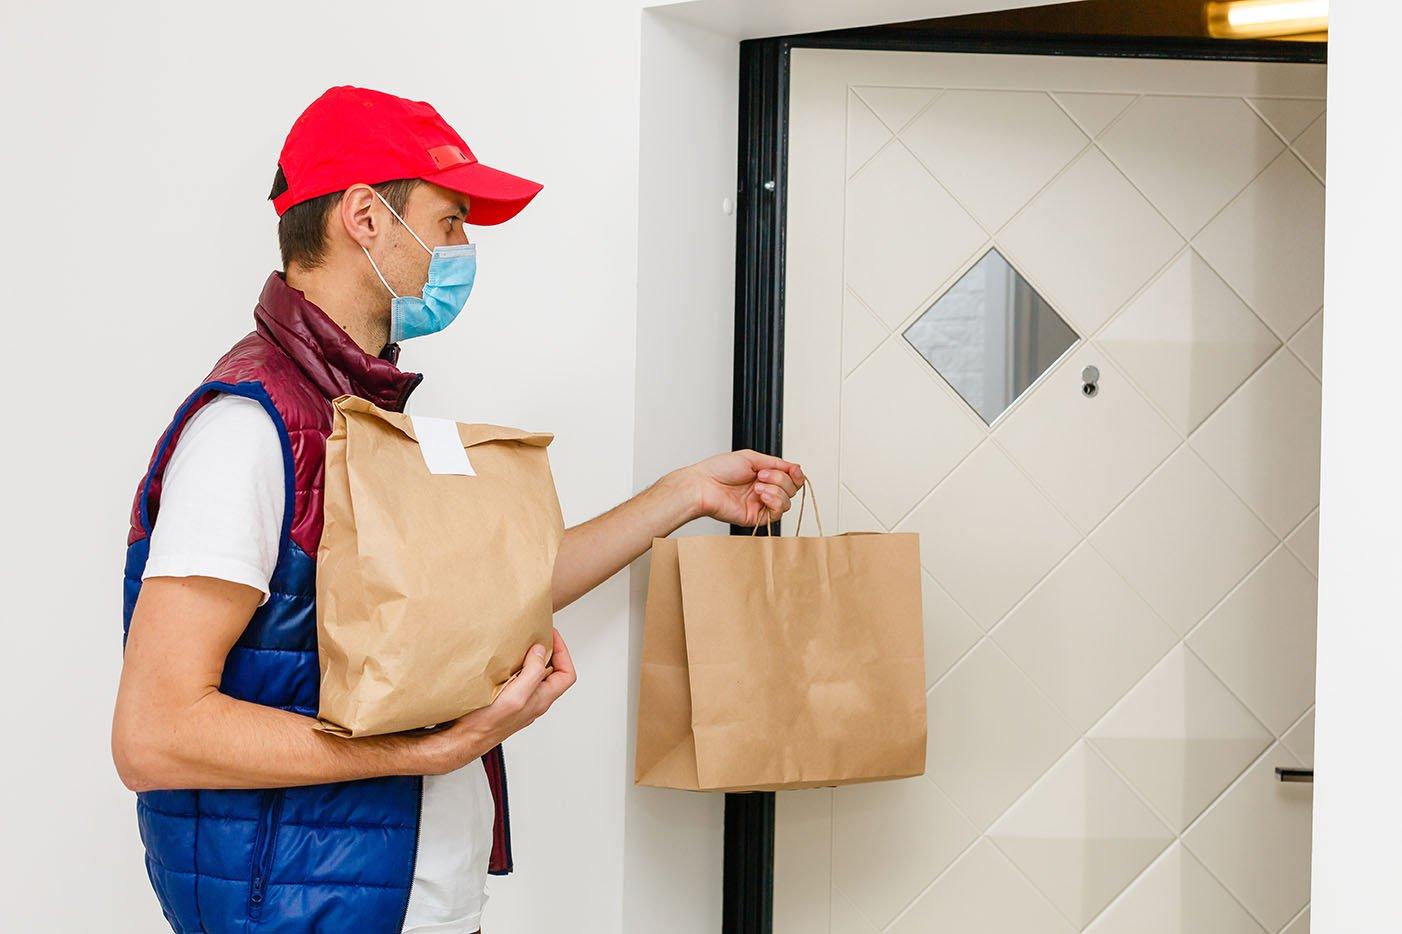 4 основные преимущества использования службы доставки